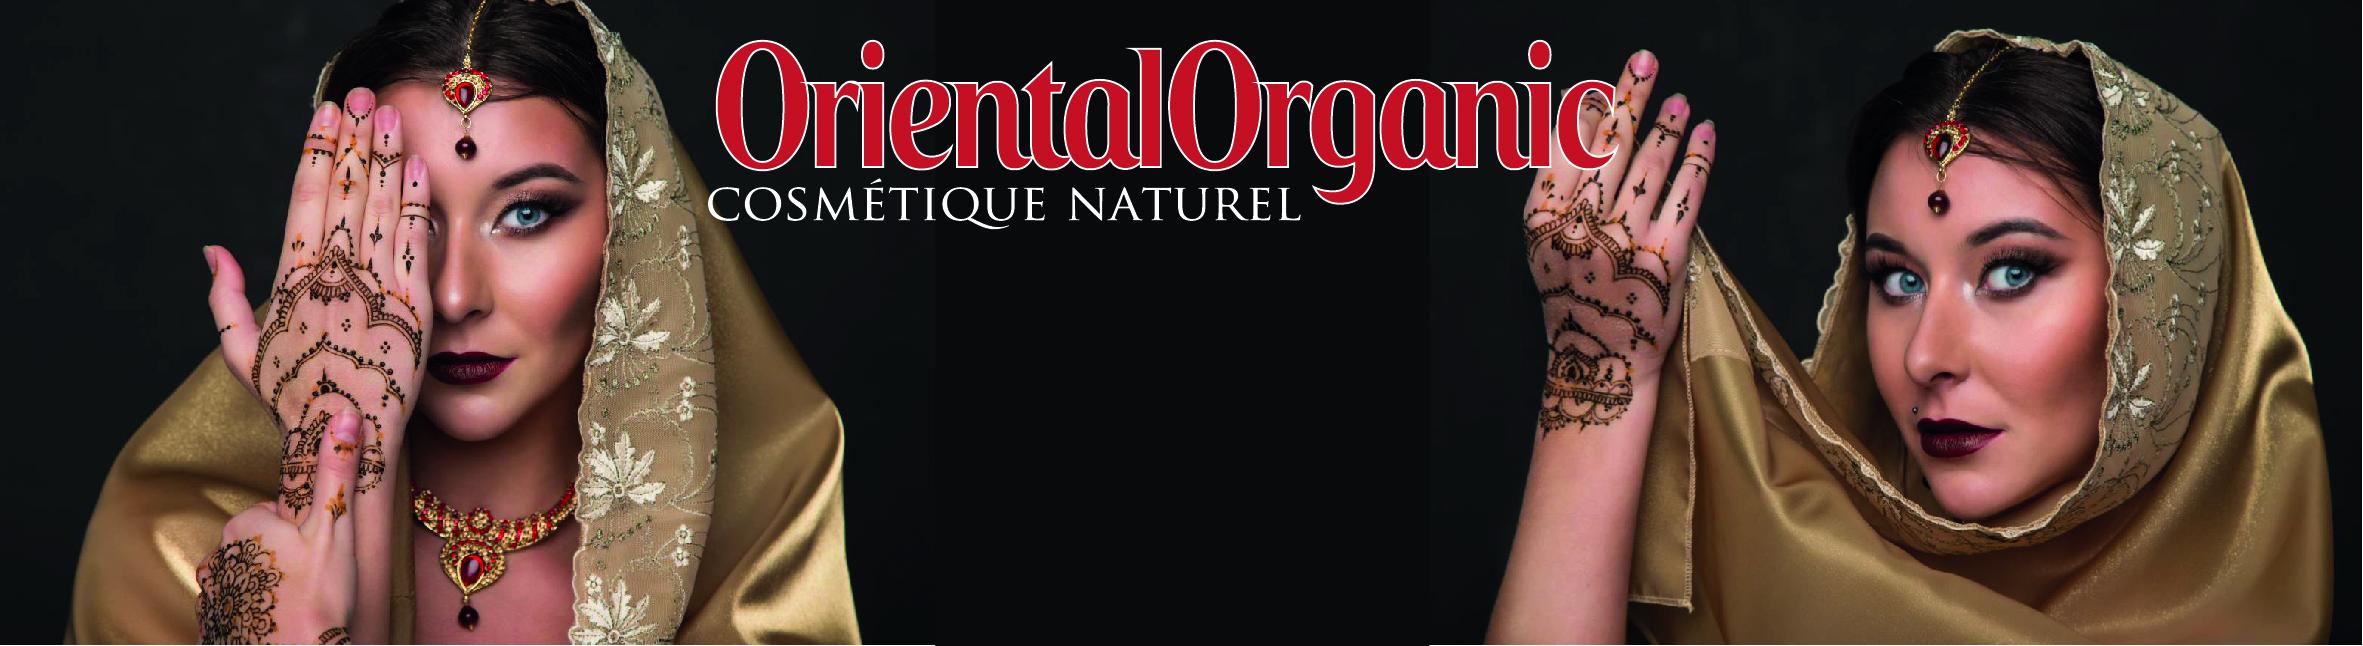 ORIENTAL ORGANICS